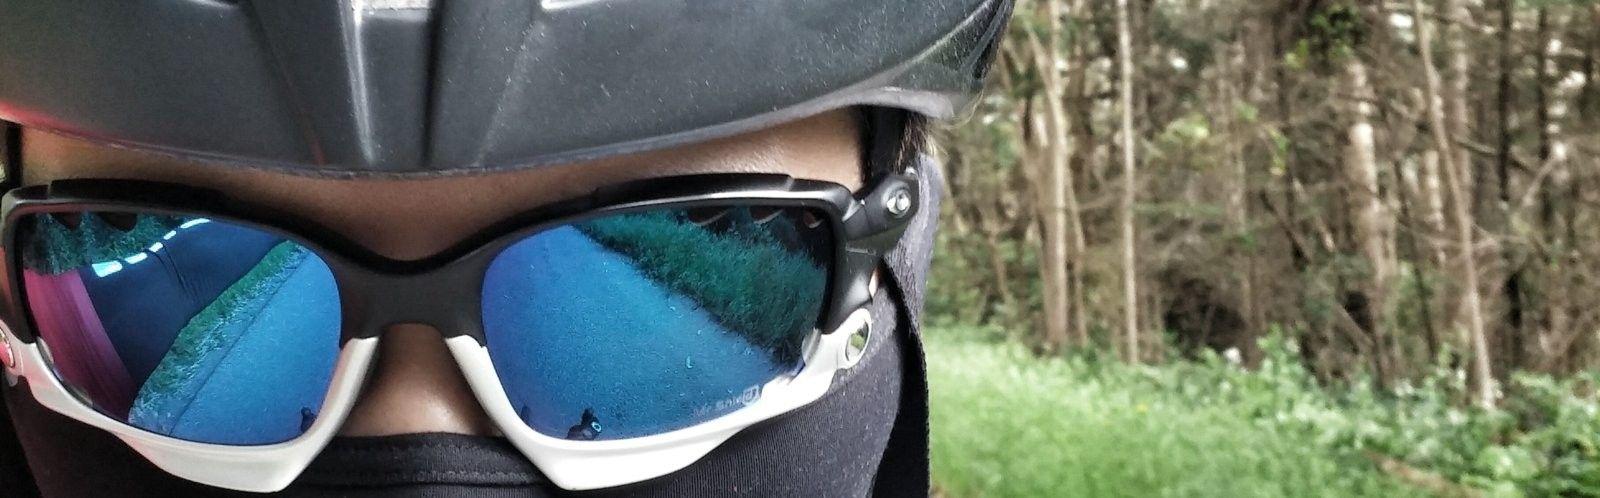 Review: Walleva's Mr. Shield Lenses (updated) - 20160511_164911-2.jpg